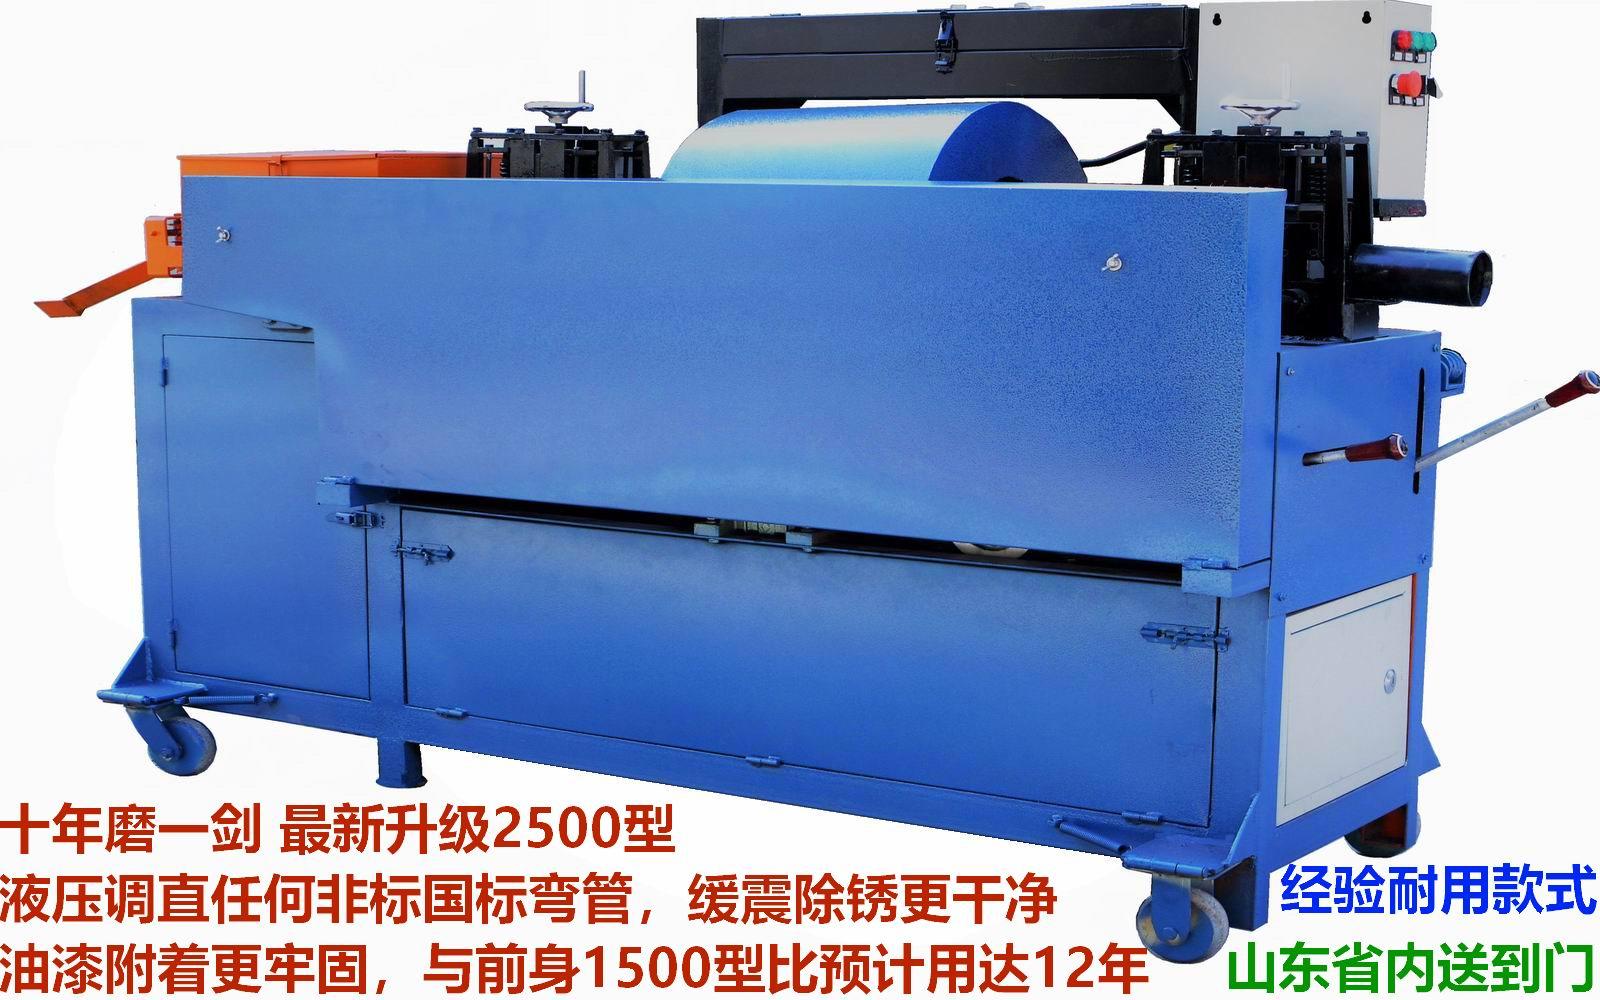 KTCS-2500型钢管调直机除锈刷漆机